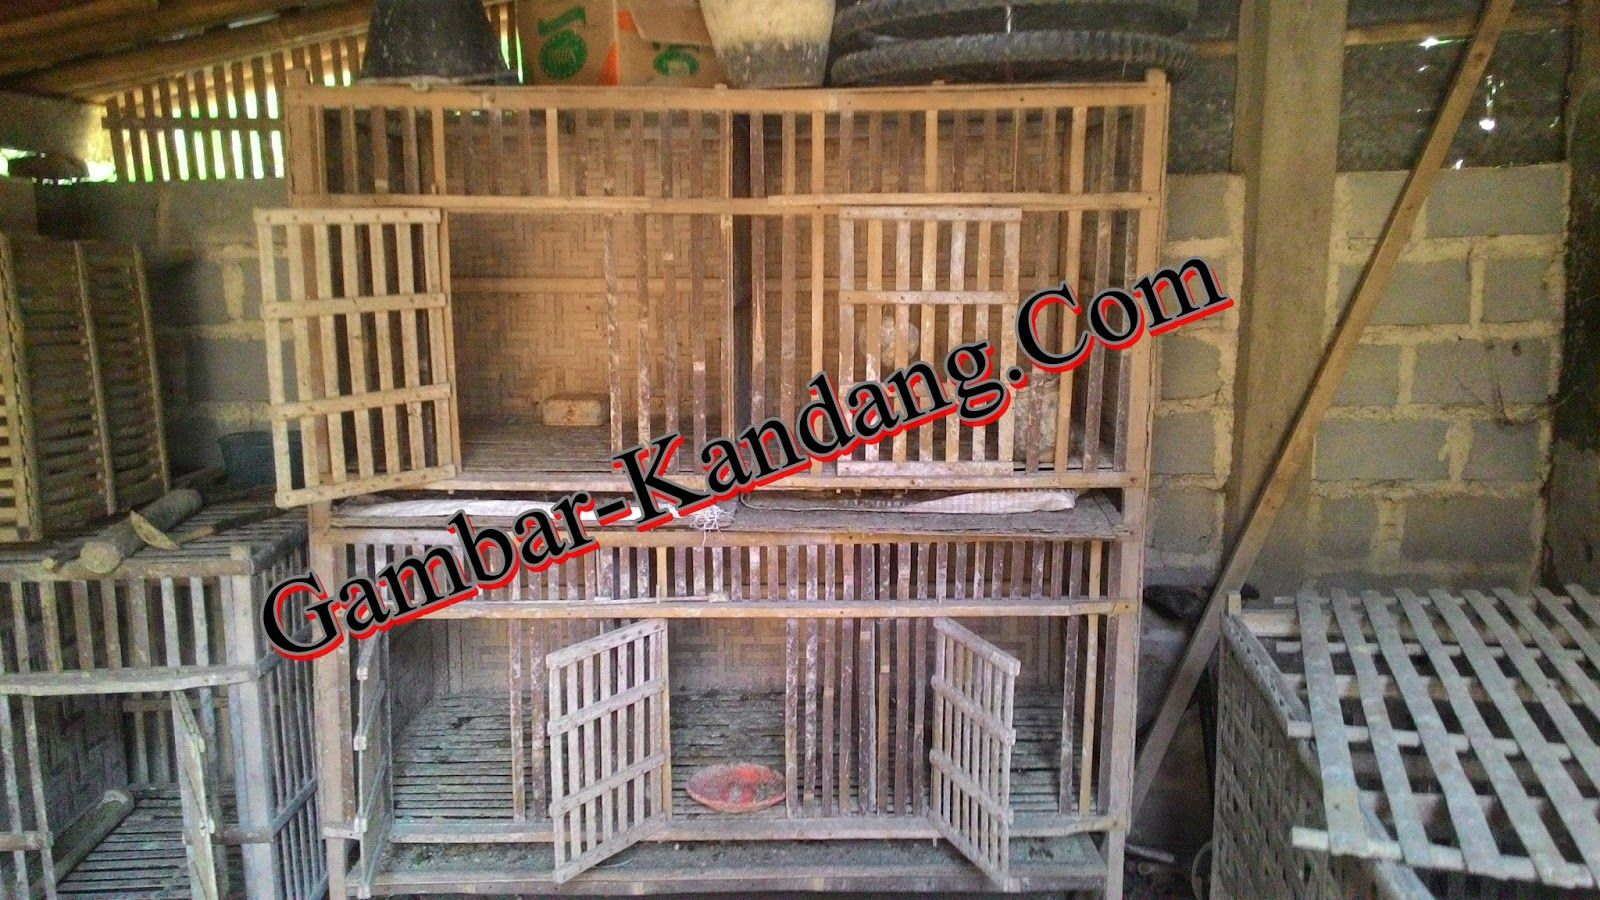 Koleksi Kandang Ayam Kampung Bahan Bambu Kayu Balok Kumpulan Gambar Kandang Ayam Desain Kandang Ayam Ayam Model kandang ayam dari bambu